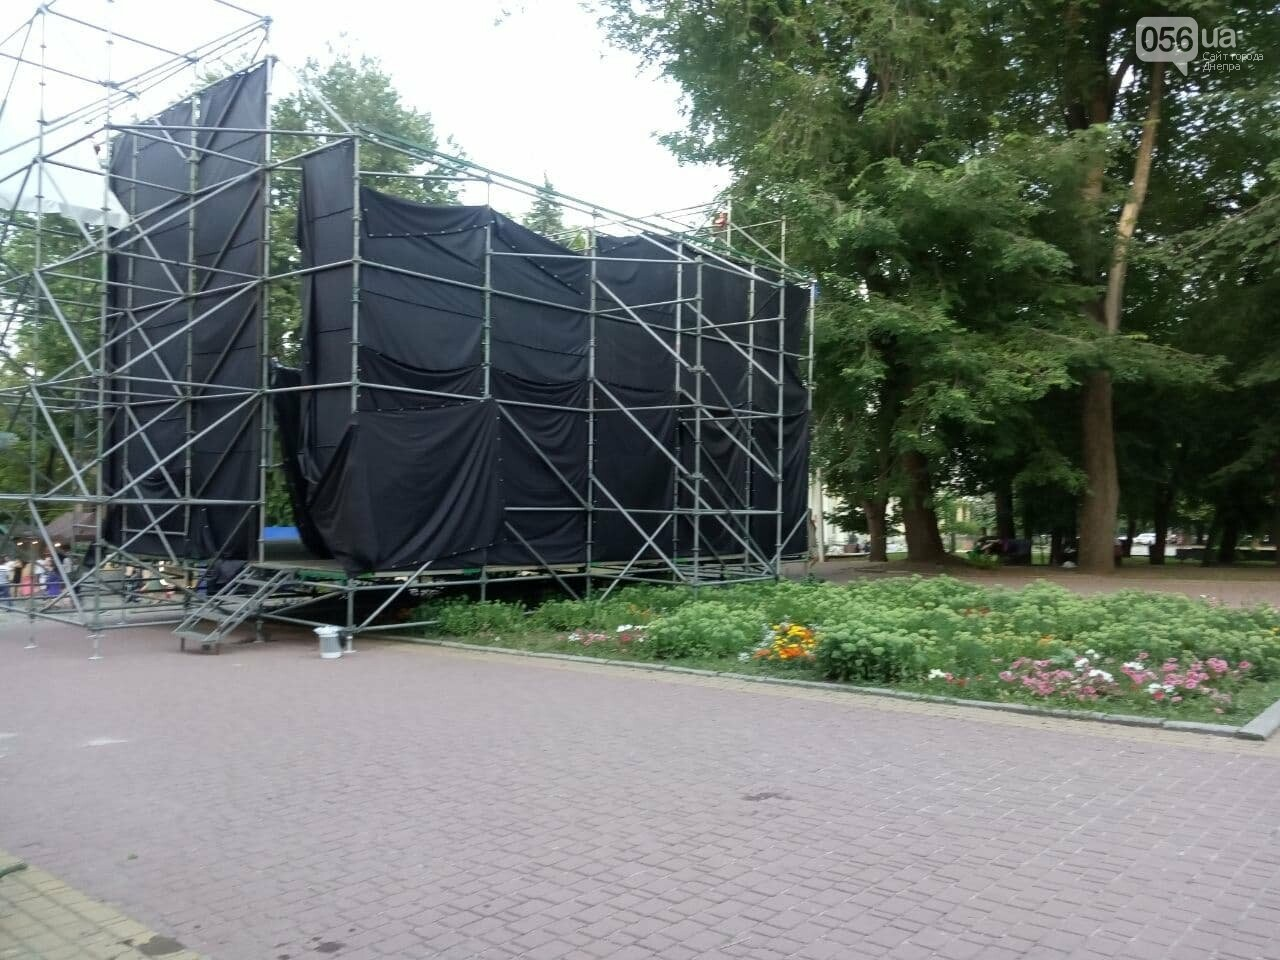 В Днепре по всей территории парка Шевченко звучит музыка нон-стоп, - ФОТО, ВИДЕО, фото-43